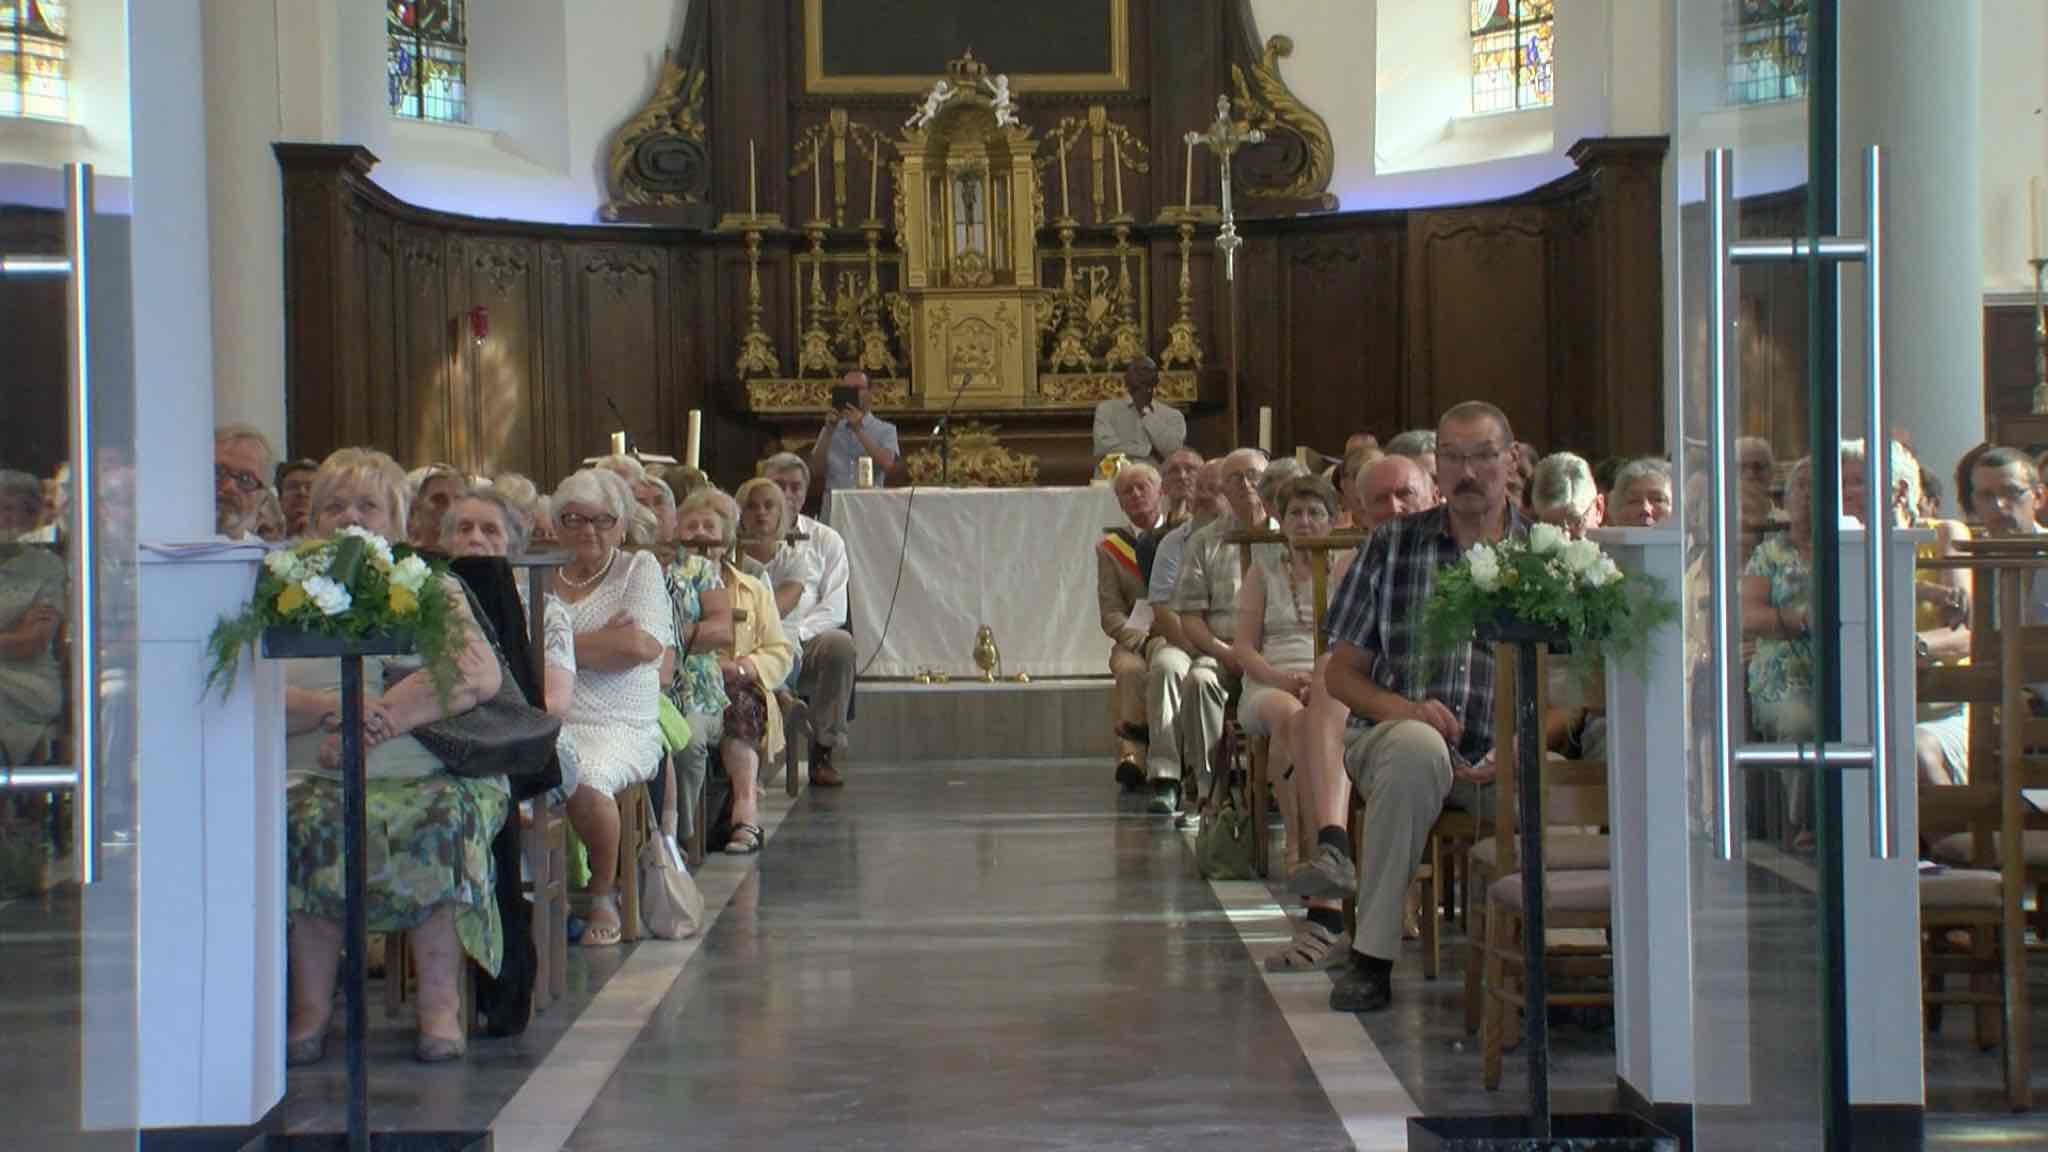 Saints Denis-et-Ghislain attire les foules